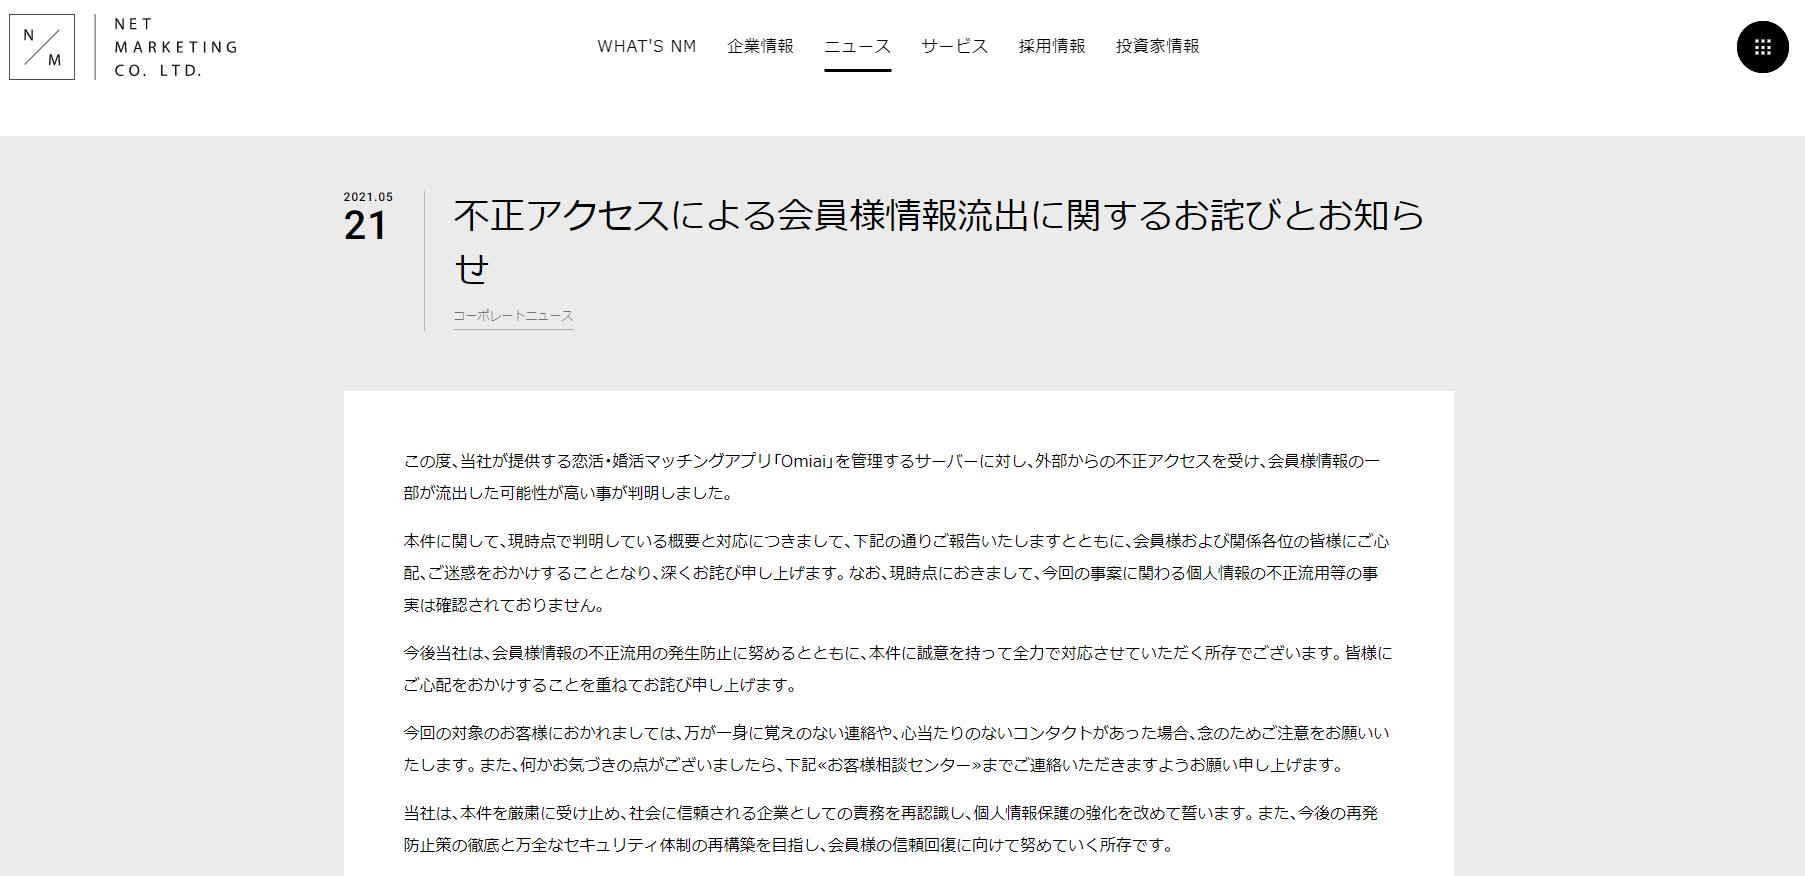 ネットマーケティング社のお詫び